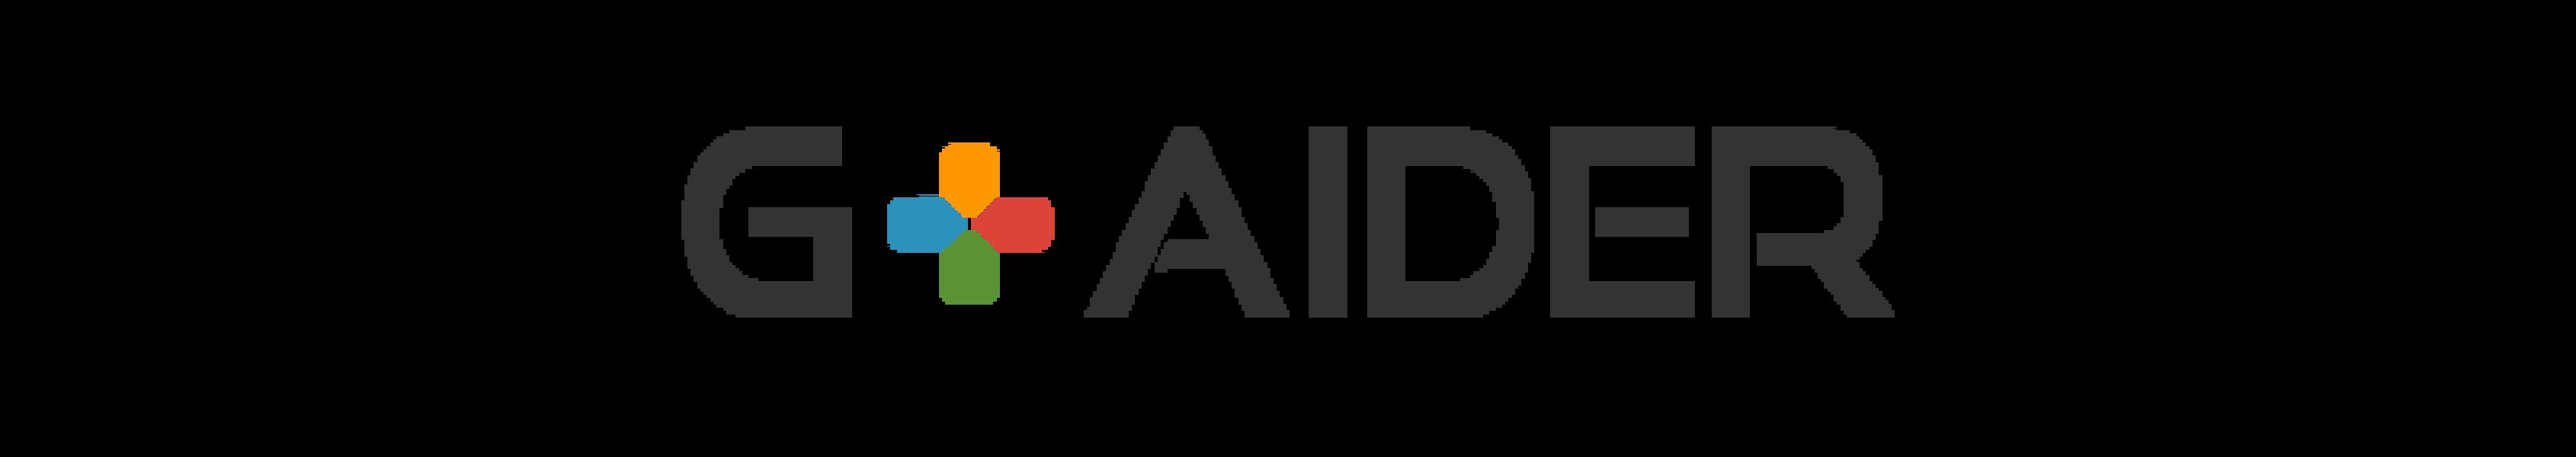 [G+AIDER] G+AIDER의 새로운 로고 발표